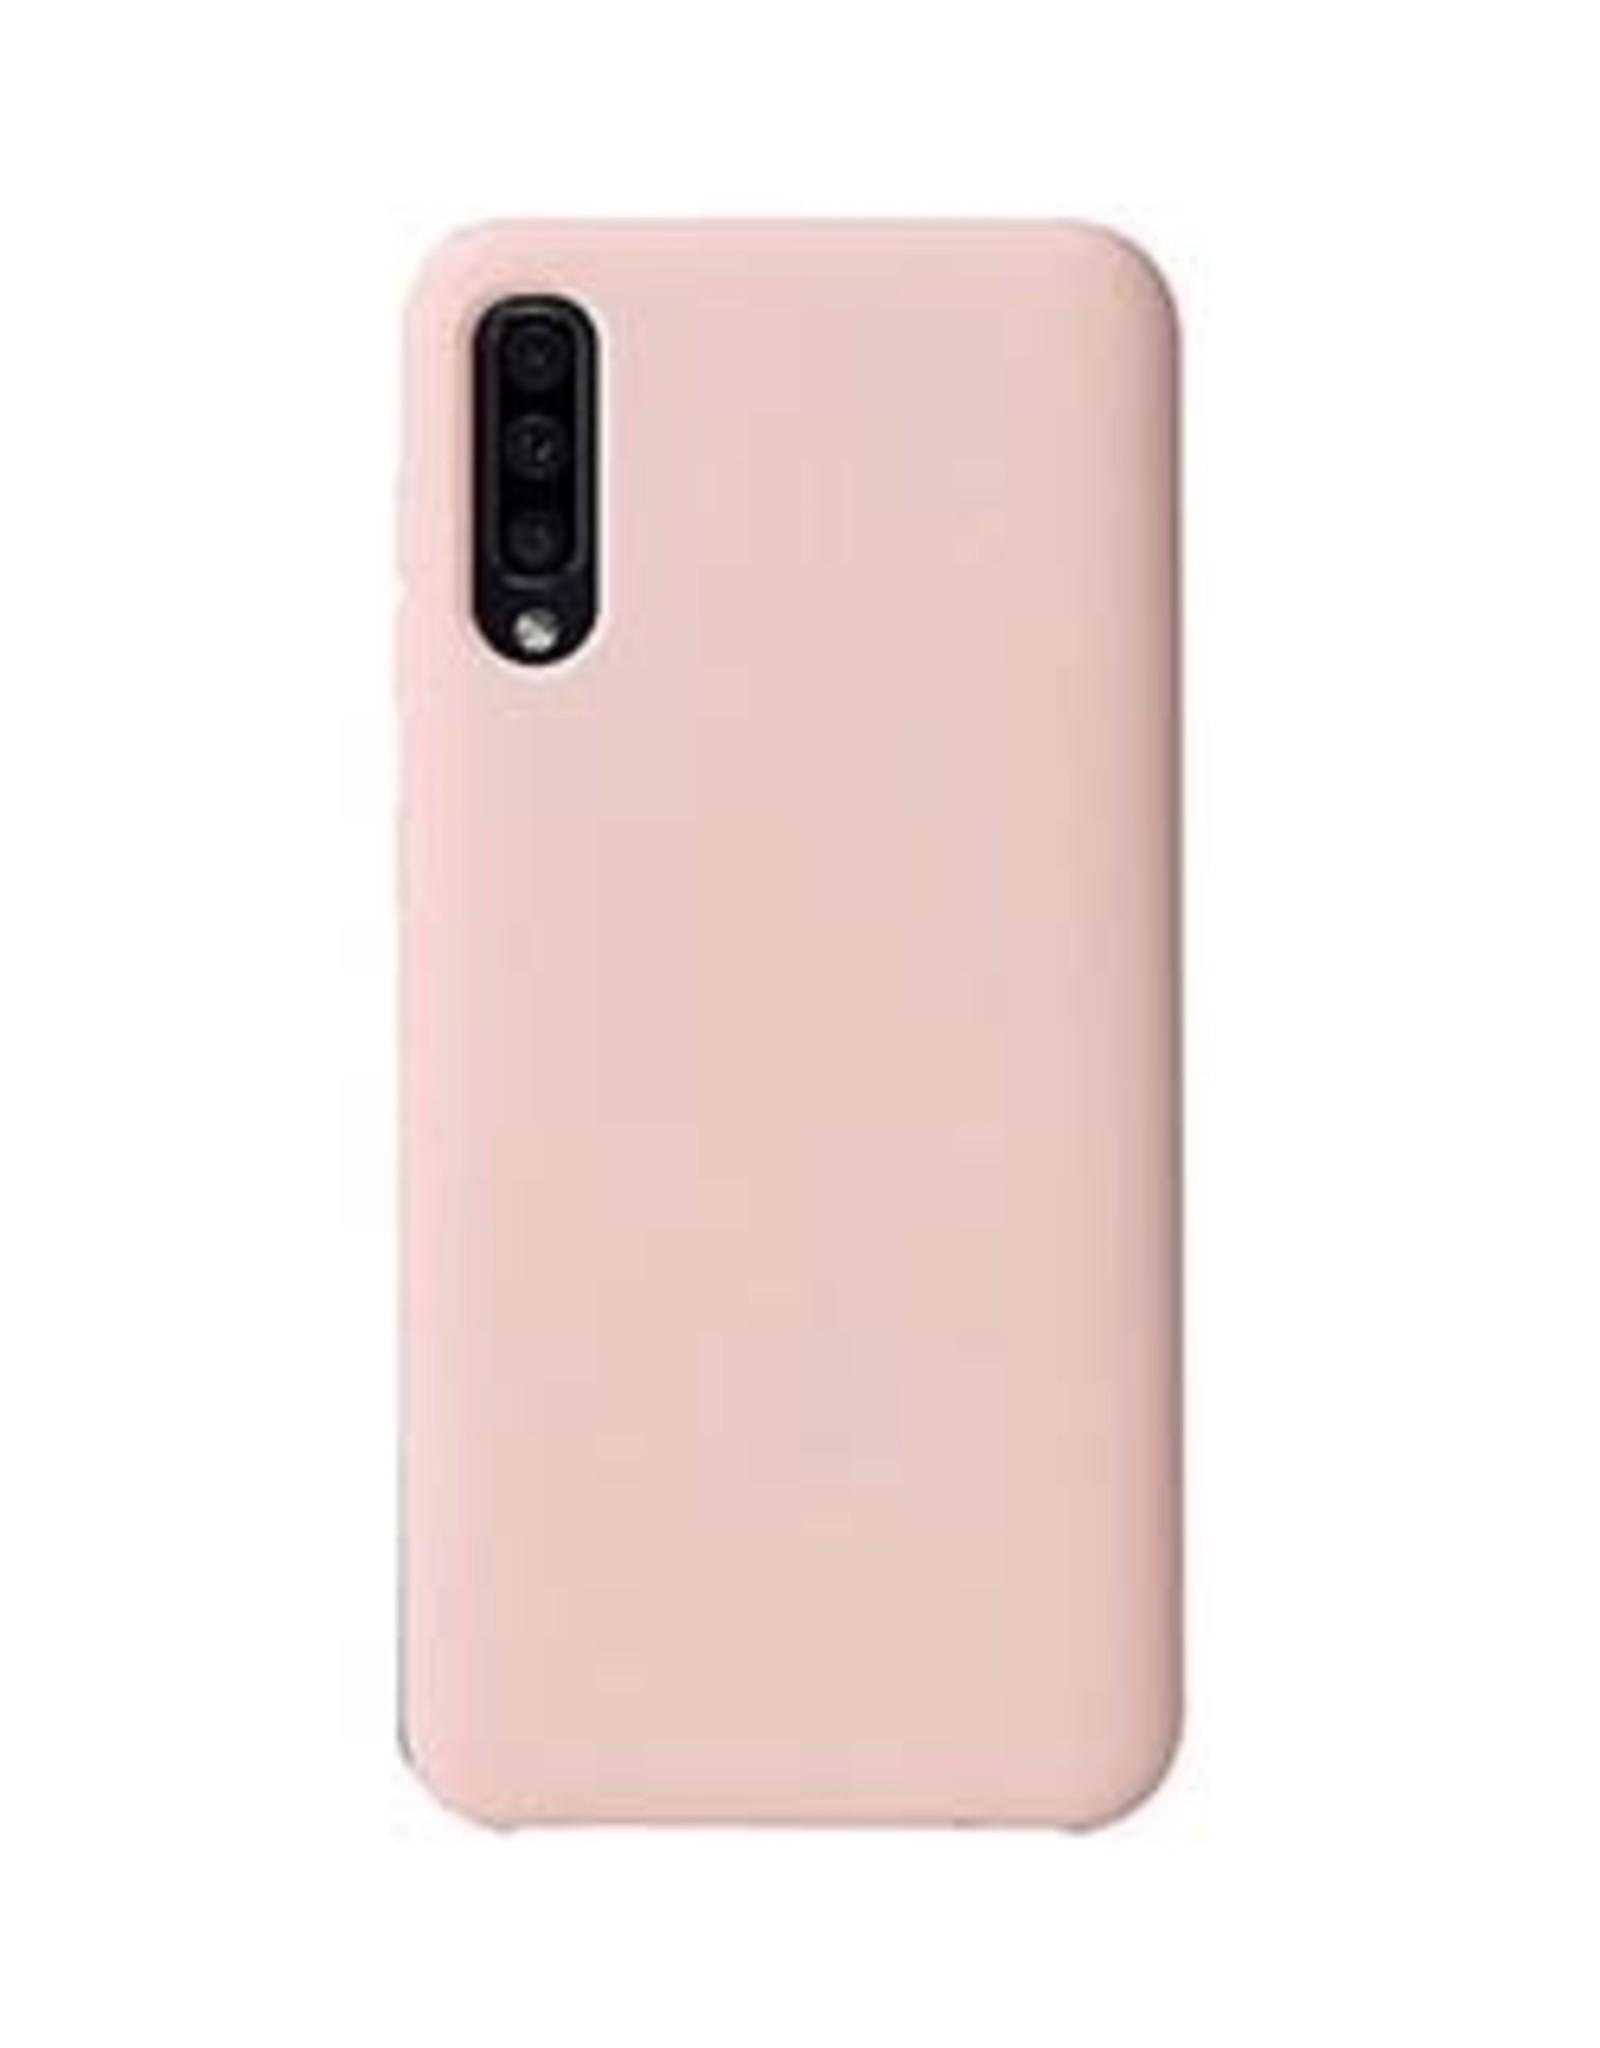 Uunique | Samsung Galaxy A50 Candy Pink Liquid Silicone Case | 15-04647